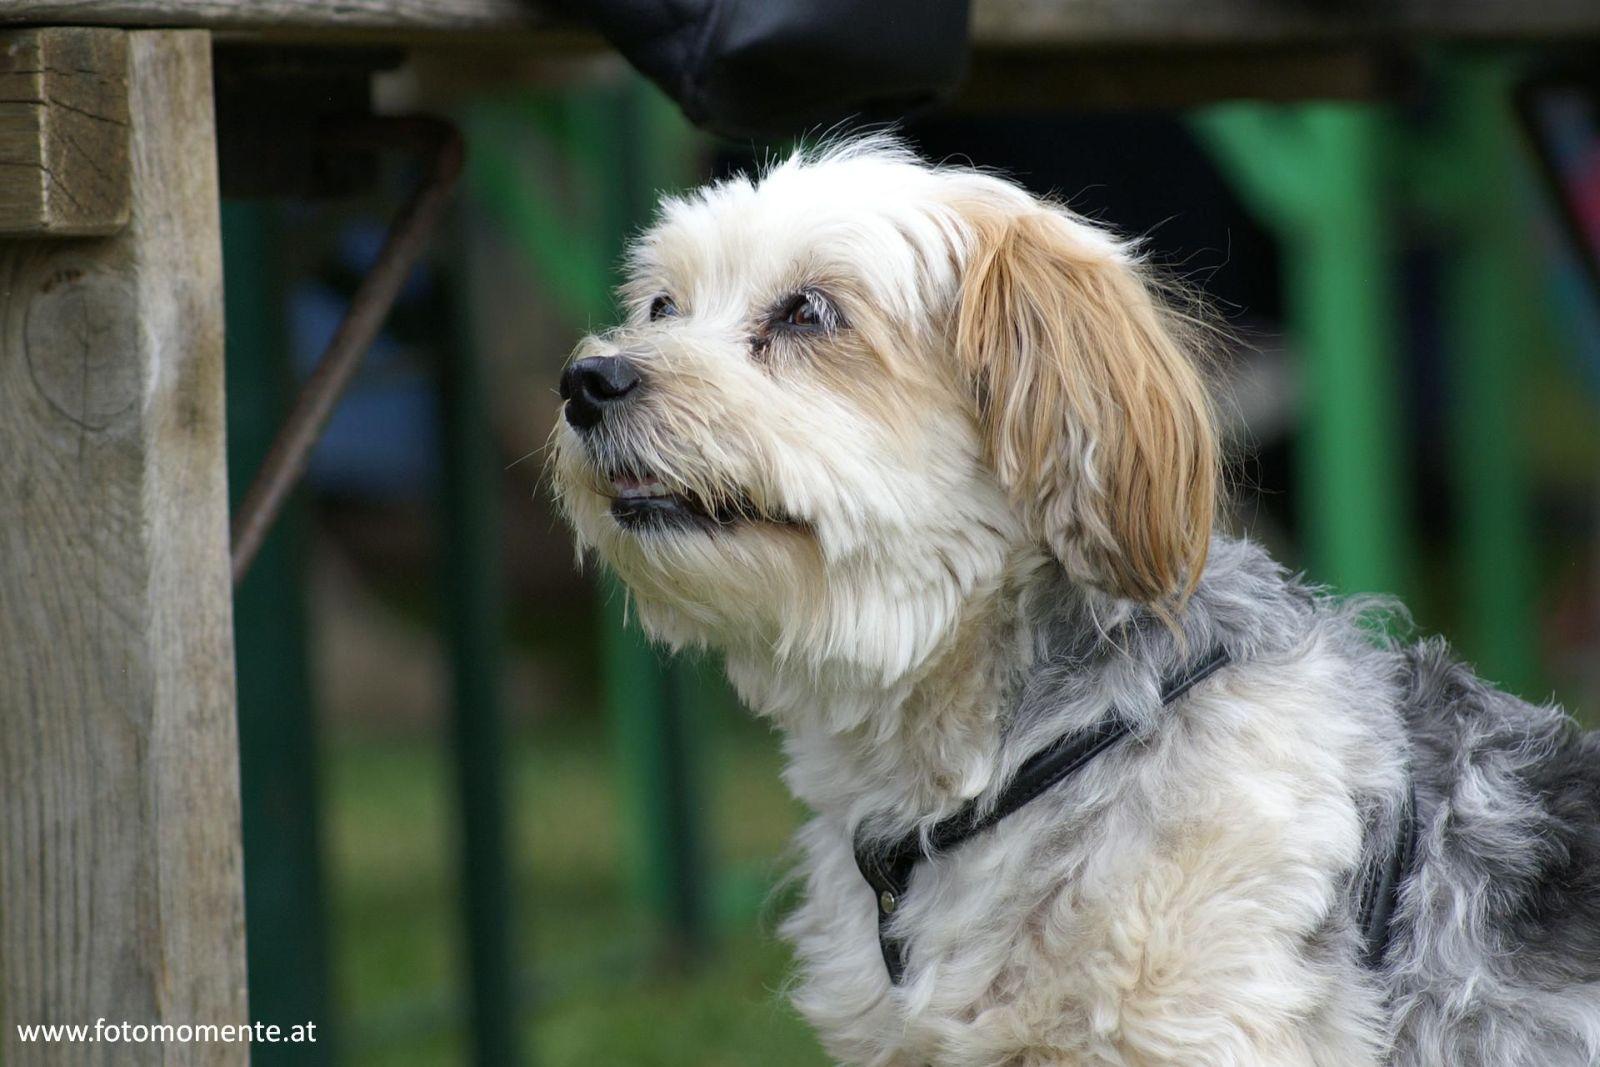 Süsser Hund/Wauzi von der Seite fotografiert